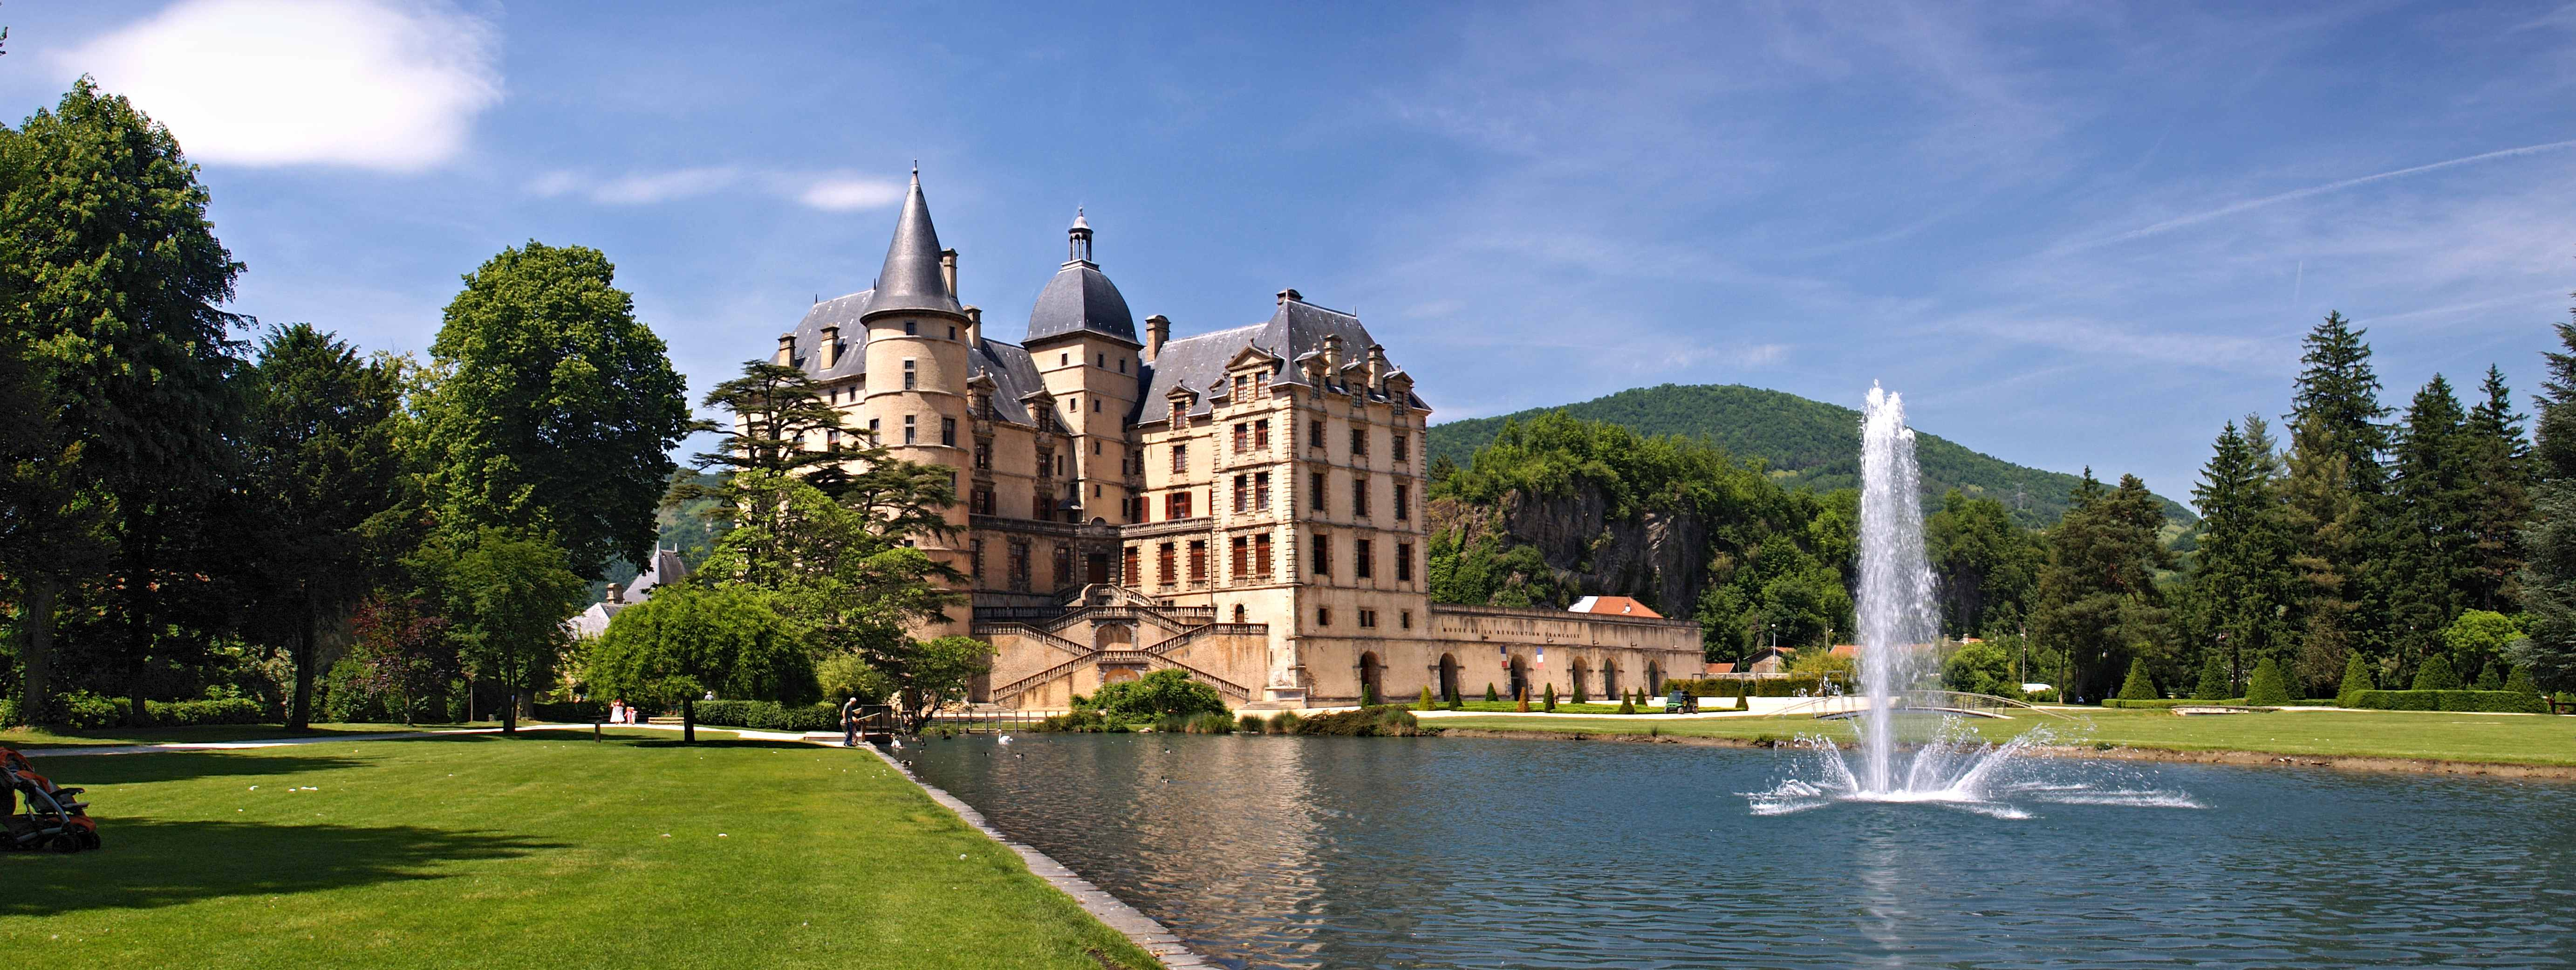 Château de Vizille et son domaine qui furent, durant plus d'un siècle, une des résidences officielles du président de la République française, avant de devenir la propriété du département de l'Isère.